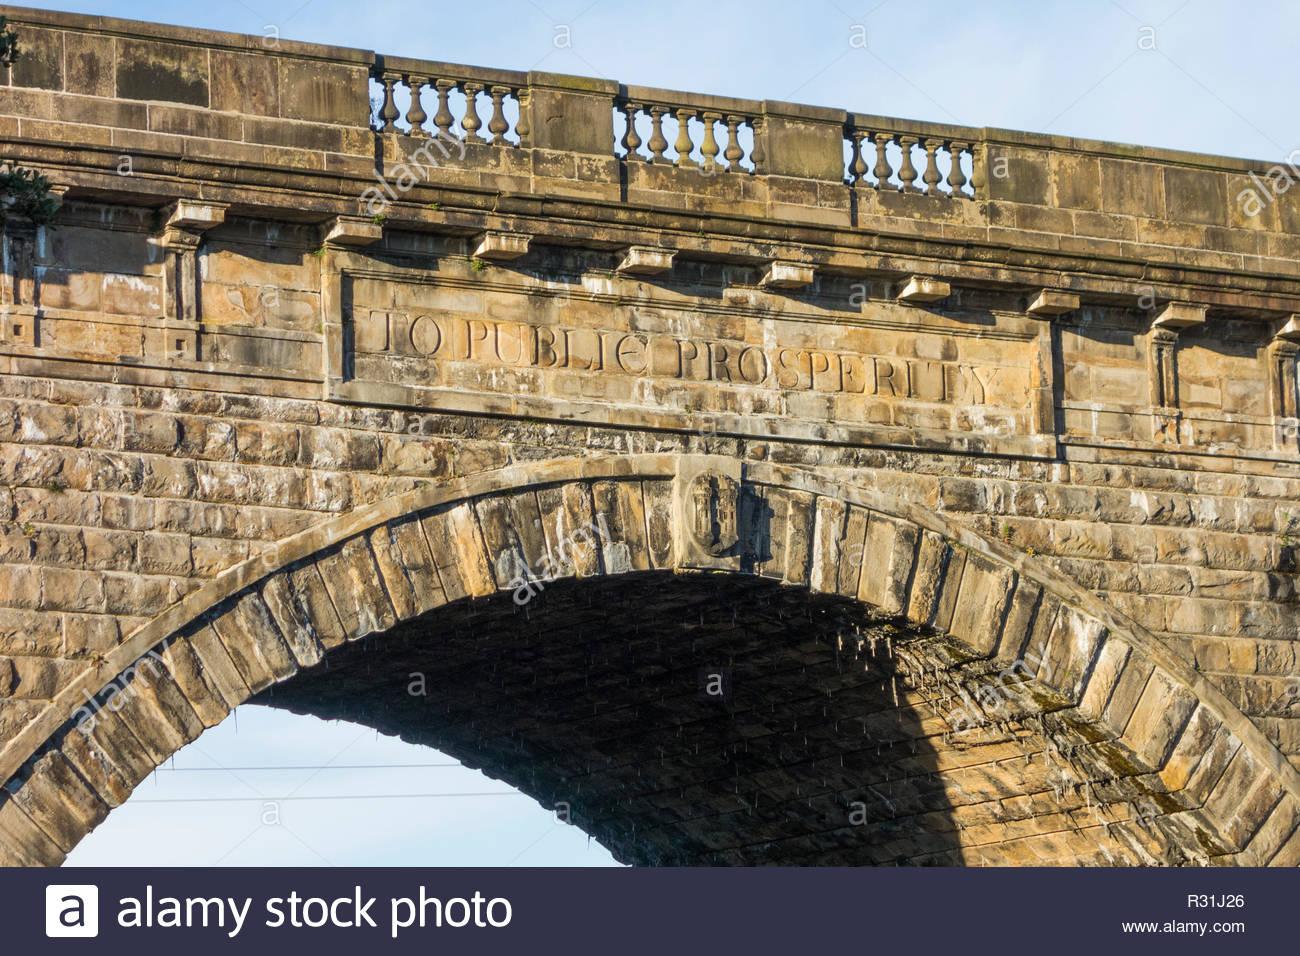 Inschrift auf dem Bogen der Lune Aquädukt über den Fluss Lune im Lancaster GROSSBRITANNIEN - zu öffentlichen Wohlstand Stockbild